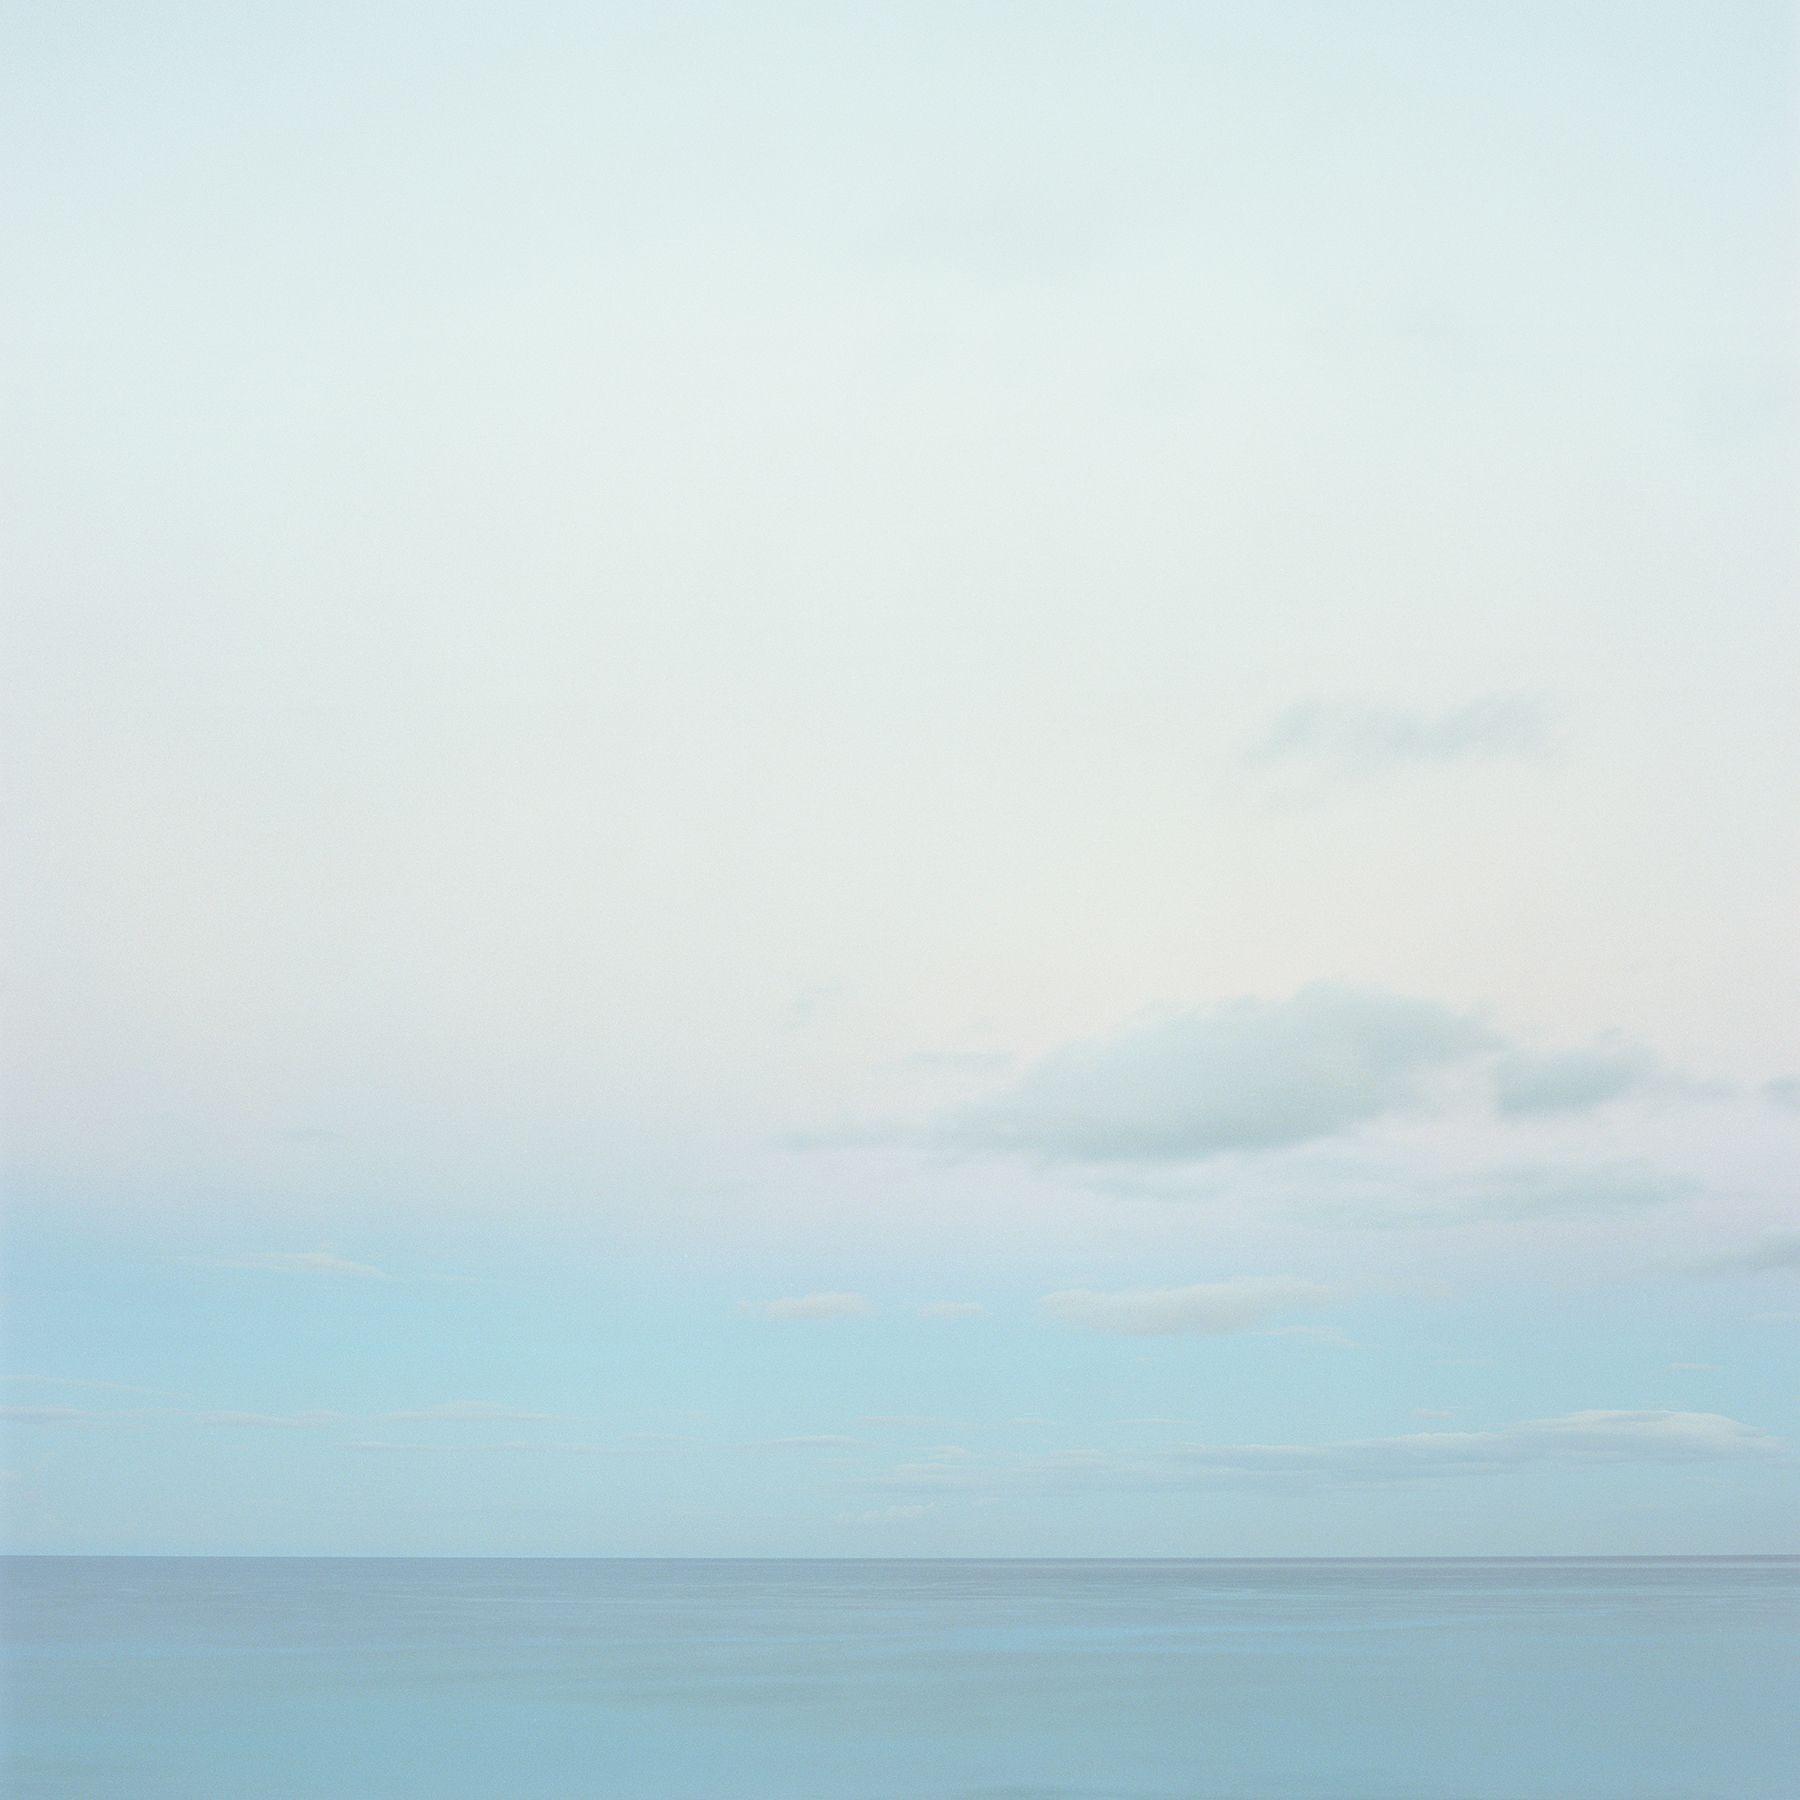 Oceanscape A-07-04, Archival Pigment Print